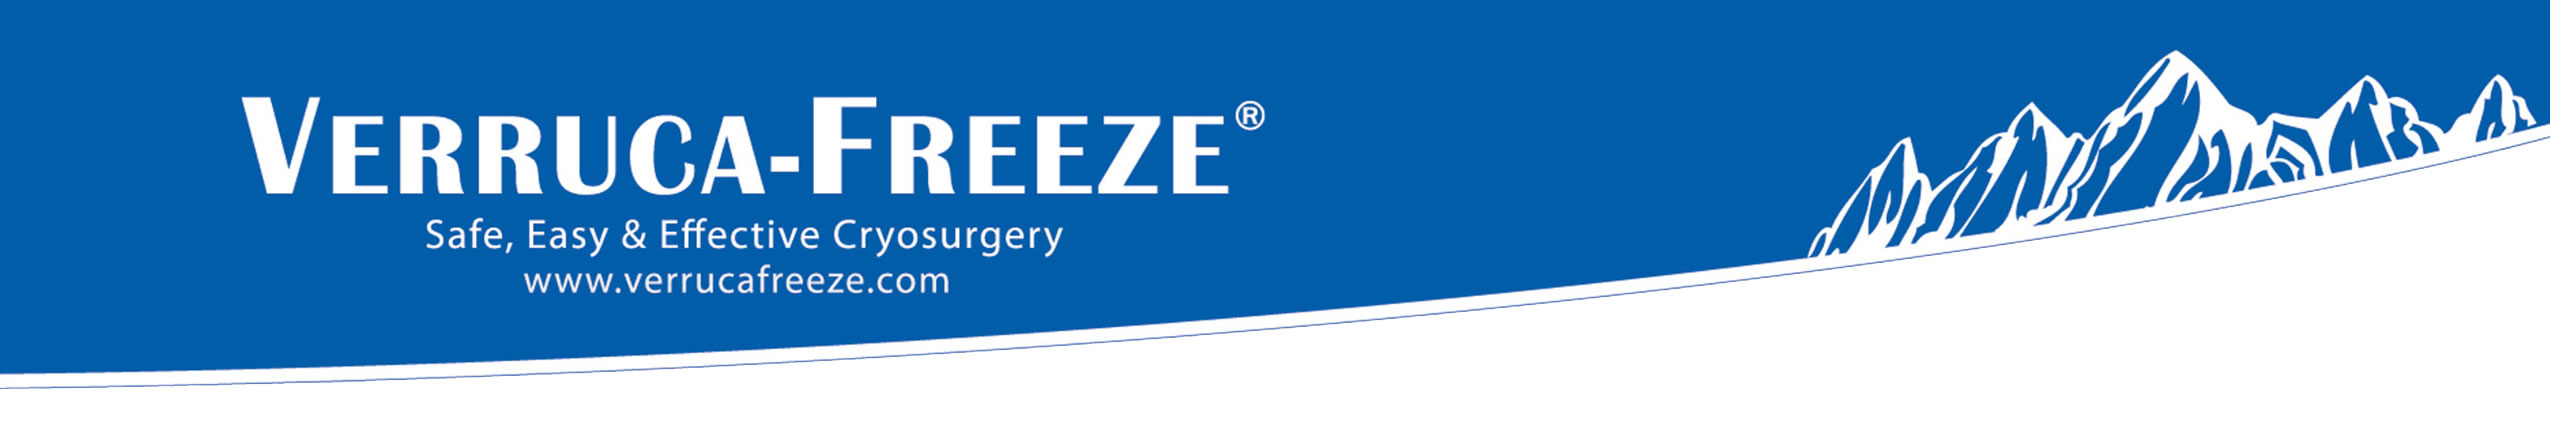 Distributors – Introducing New Verruca-Freeze Look